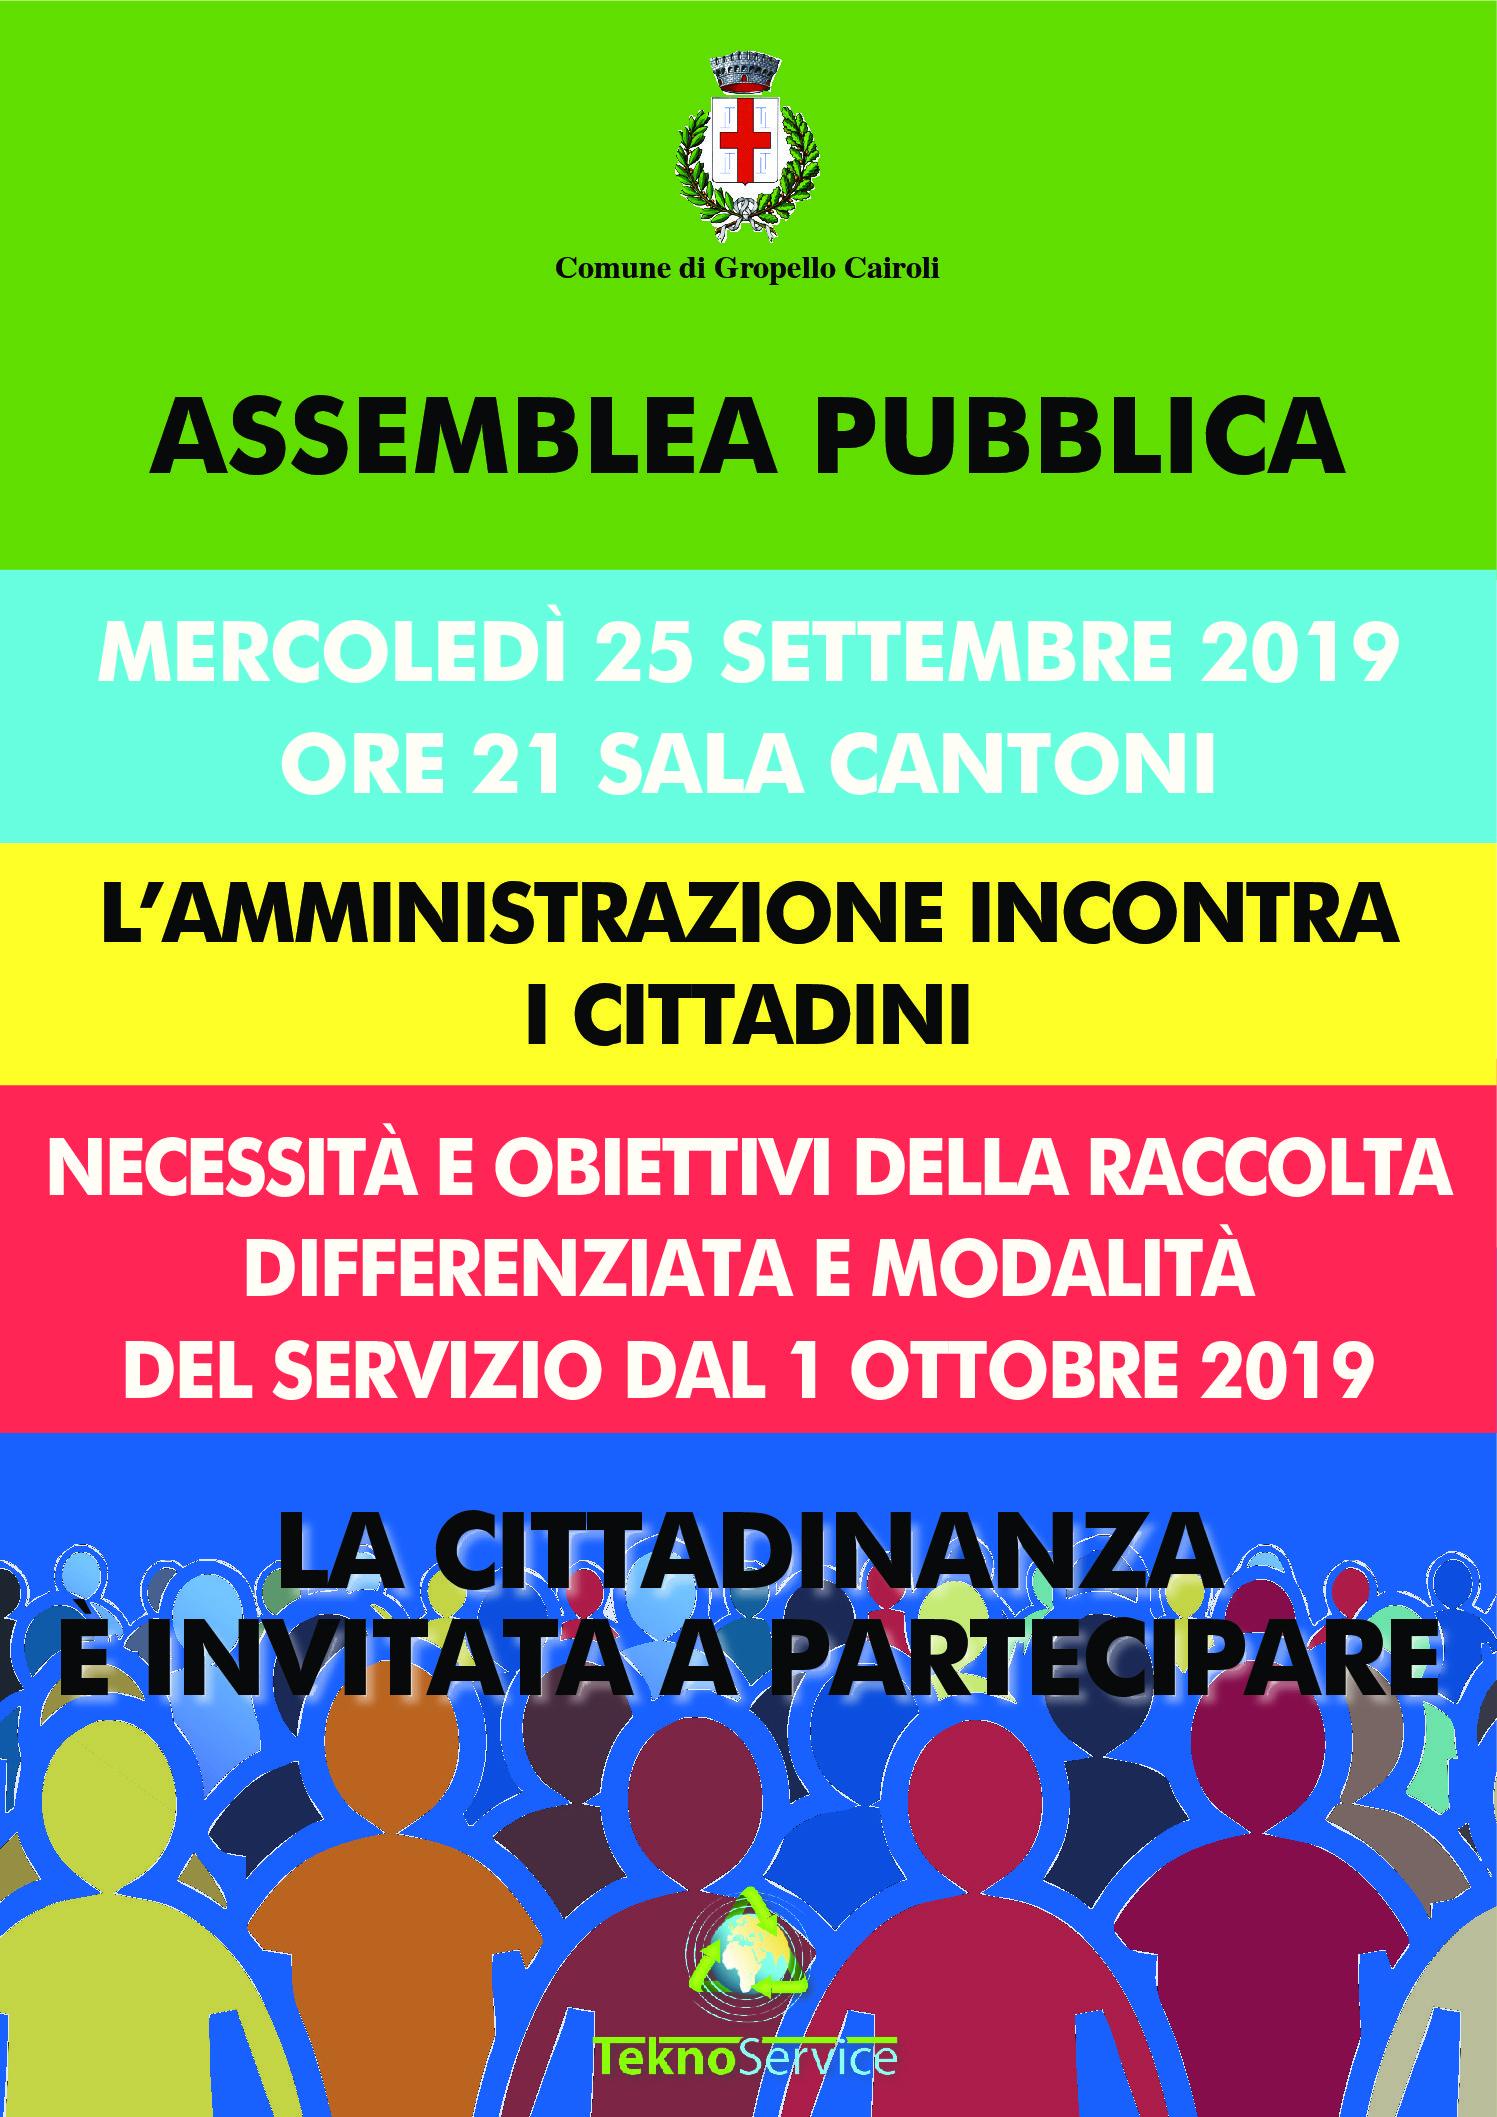 L'Amministrazione incontra i cittadini – Assemblea pubblica